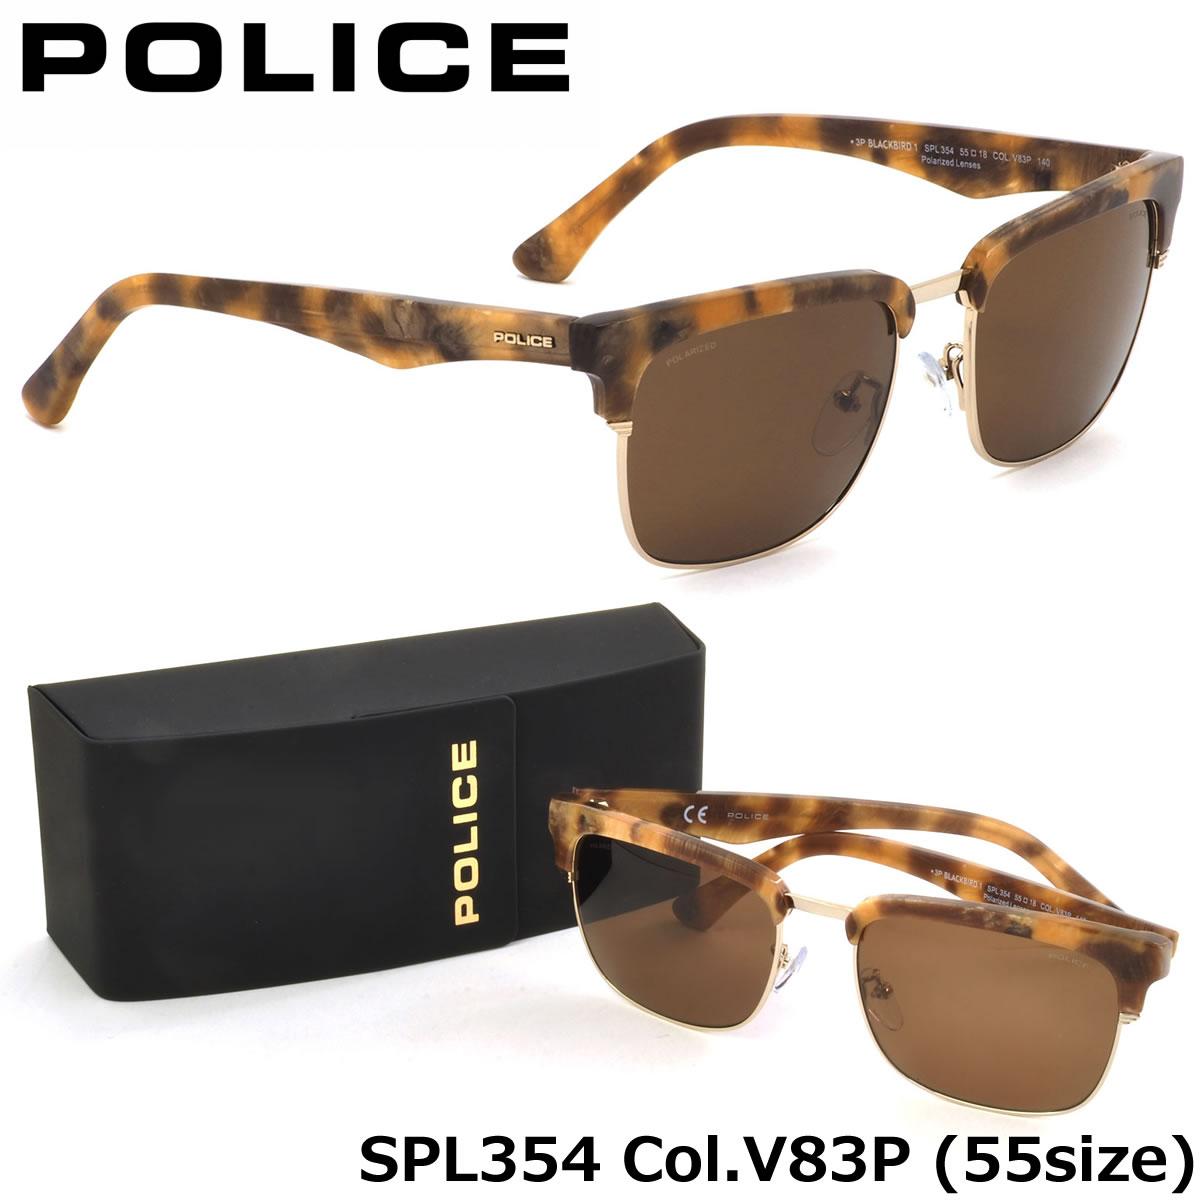 【10月30日からエントリーで全品ポイント20倍】【ポリス】 (POLICE) サングラスSPL354 V83P 55サイズBLACKBIRD1 ブロー スクエア 偏光レンズ 偏光サングラスPOLICE メンズ レディース